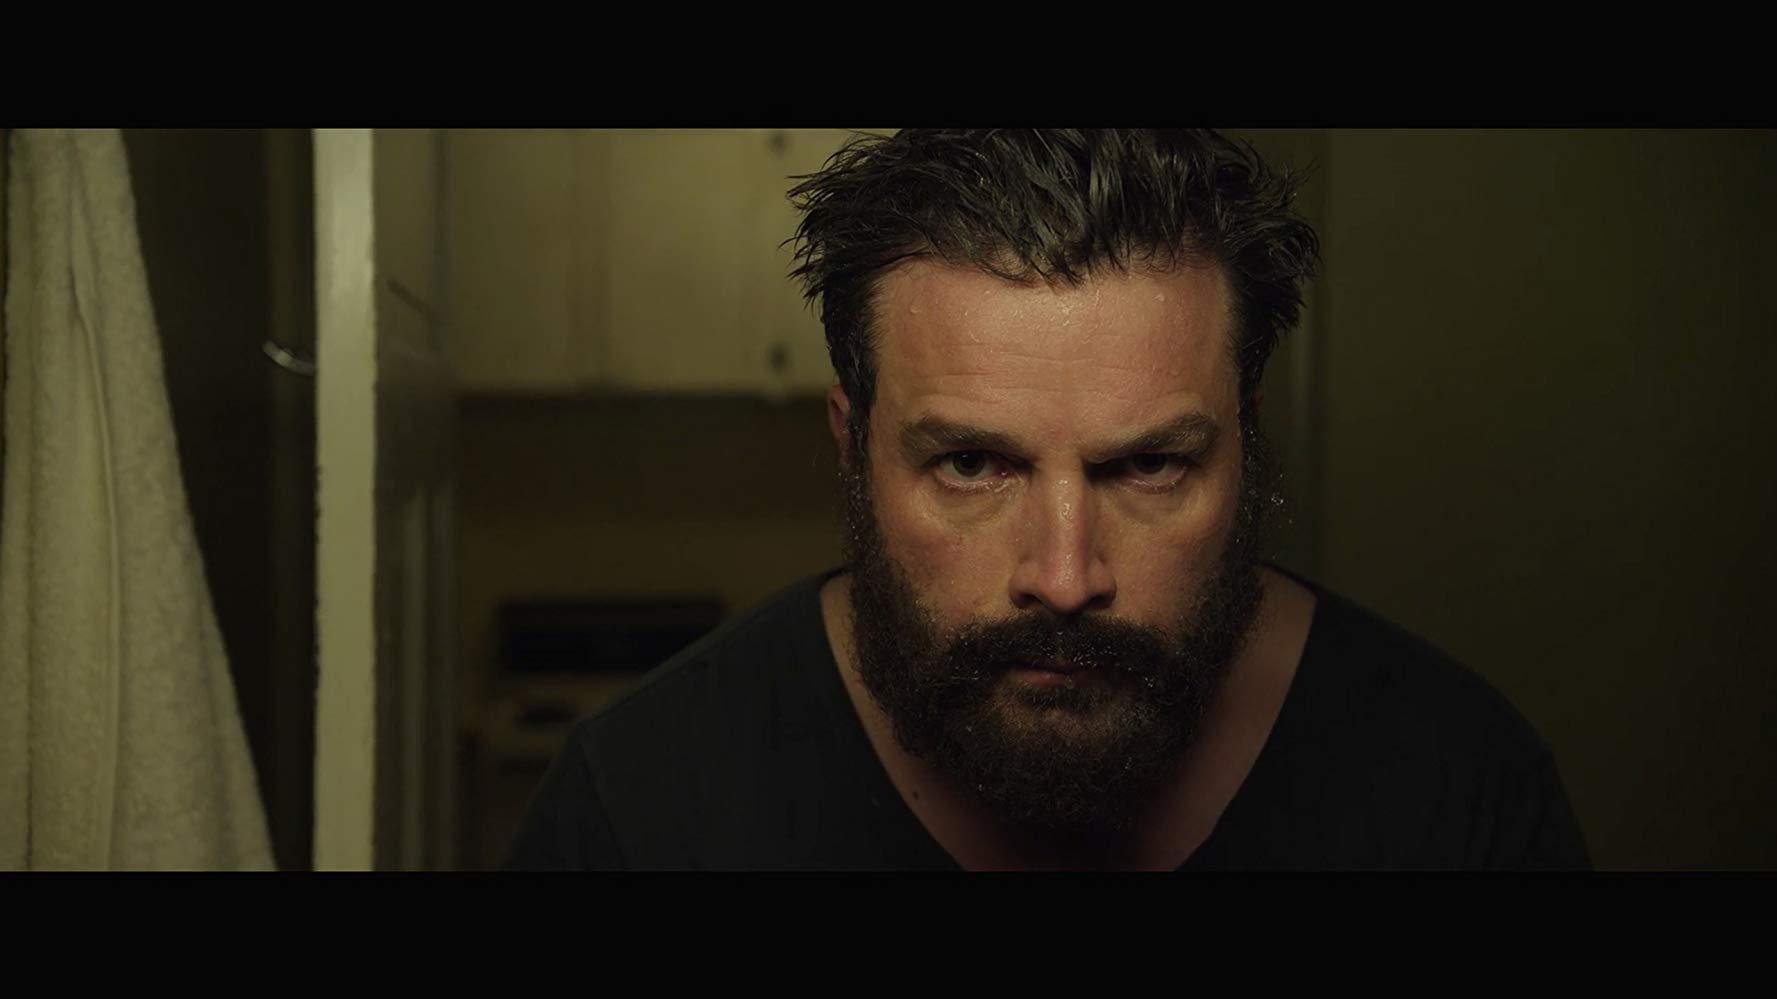 مشاهدة فيلم Darc 2018 HD مترجم كامل اون لاين